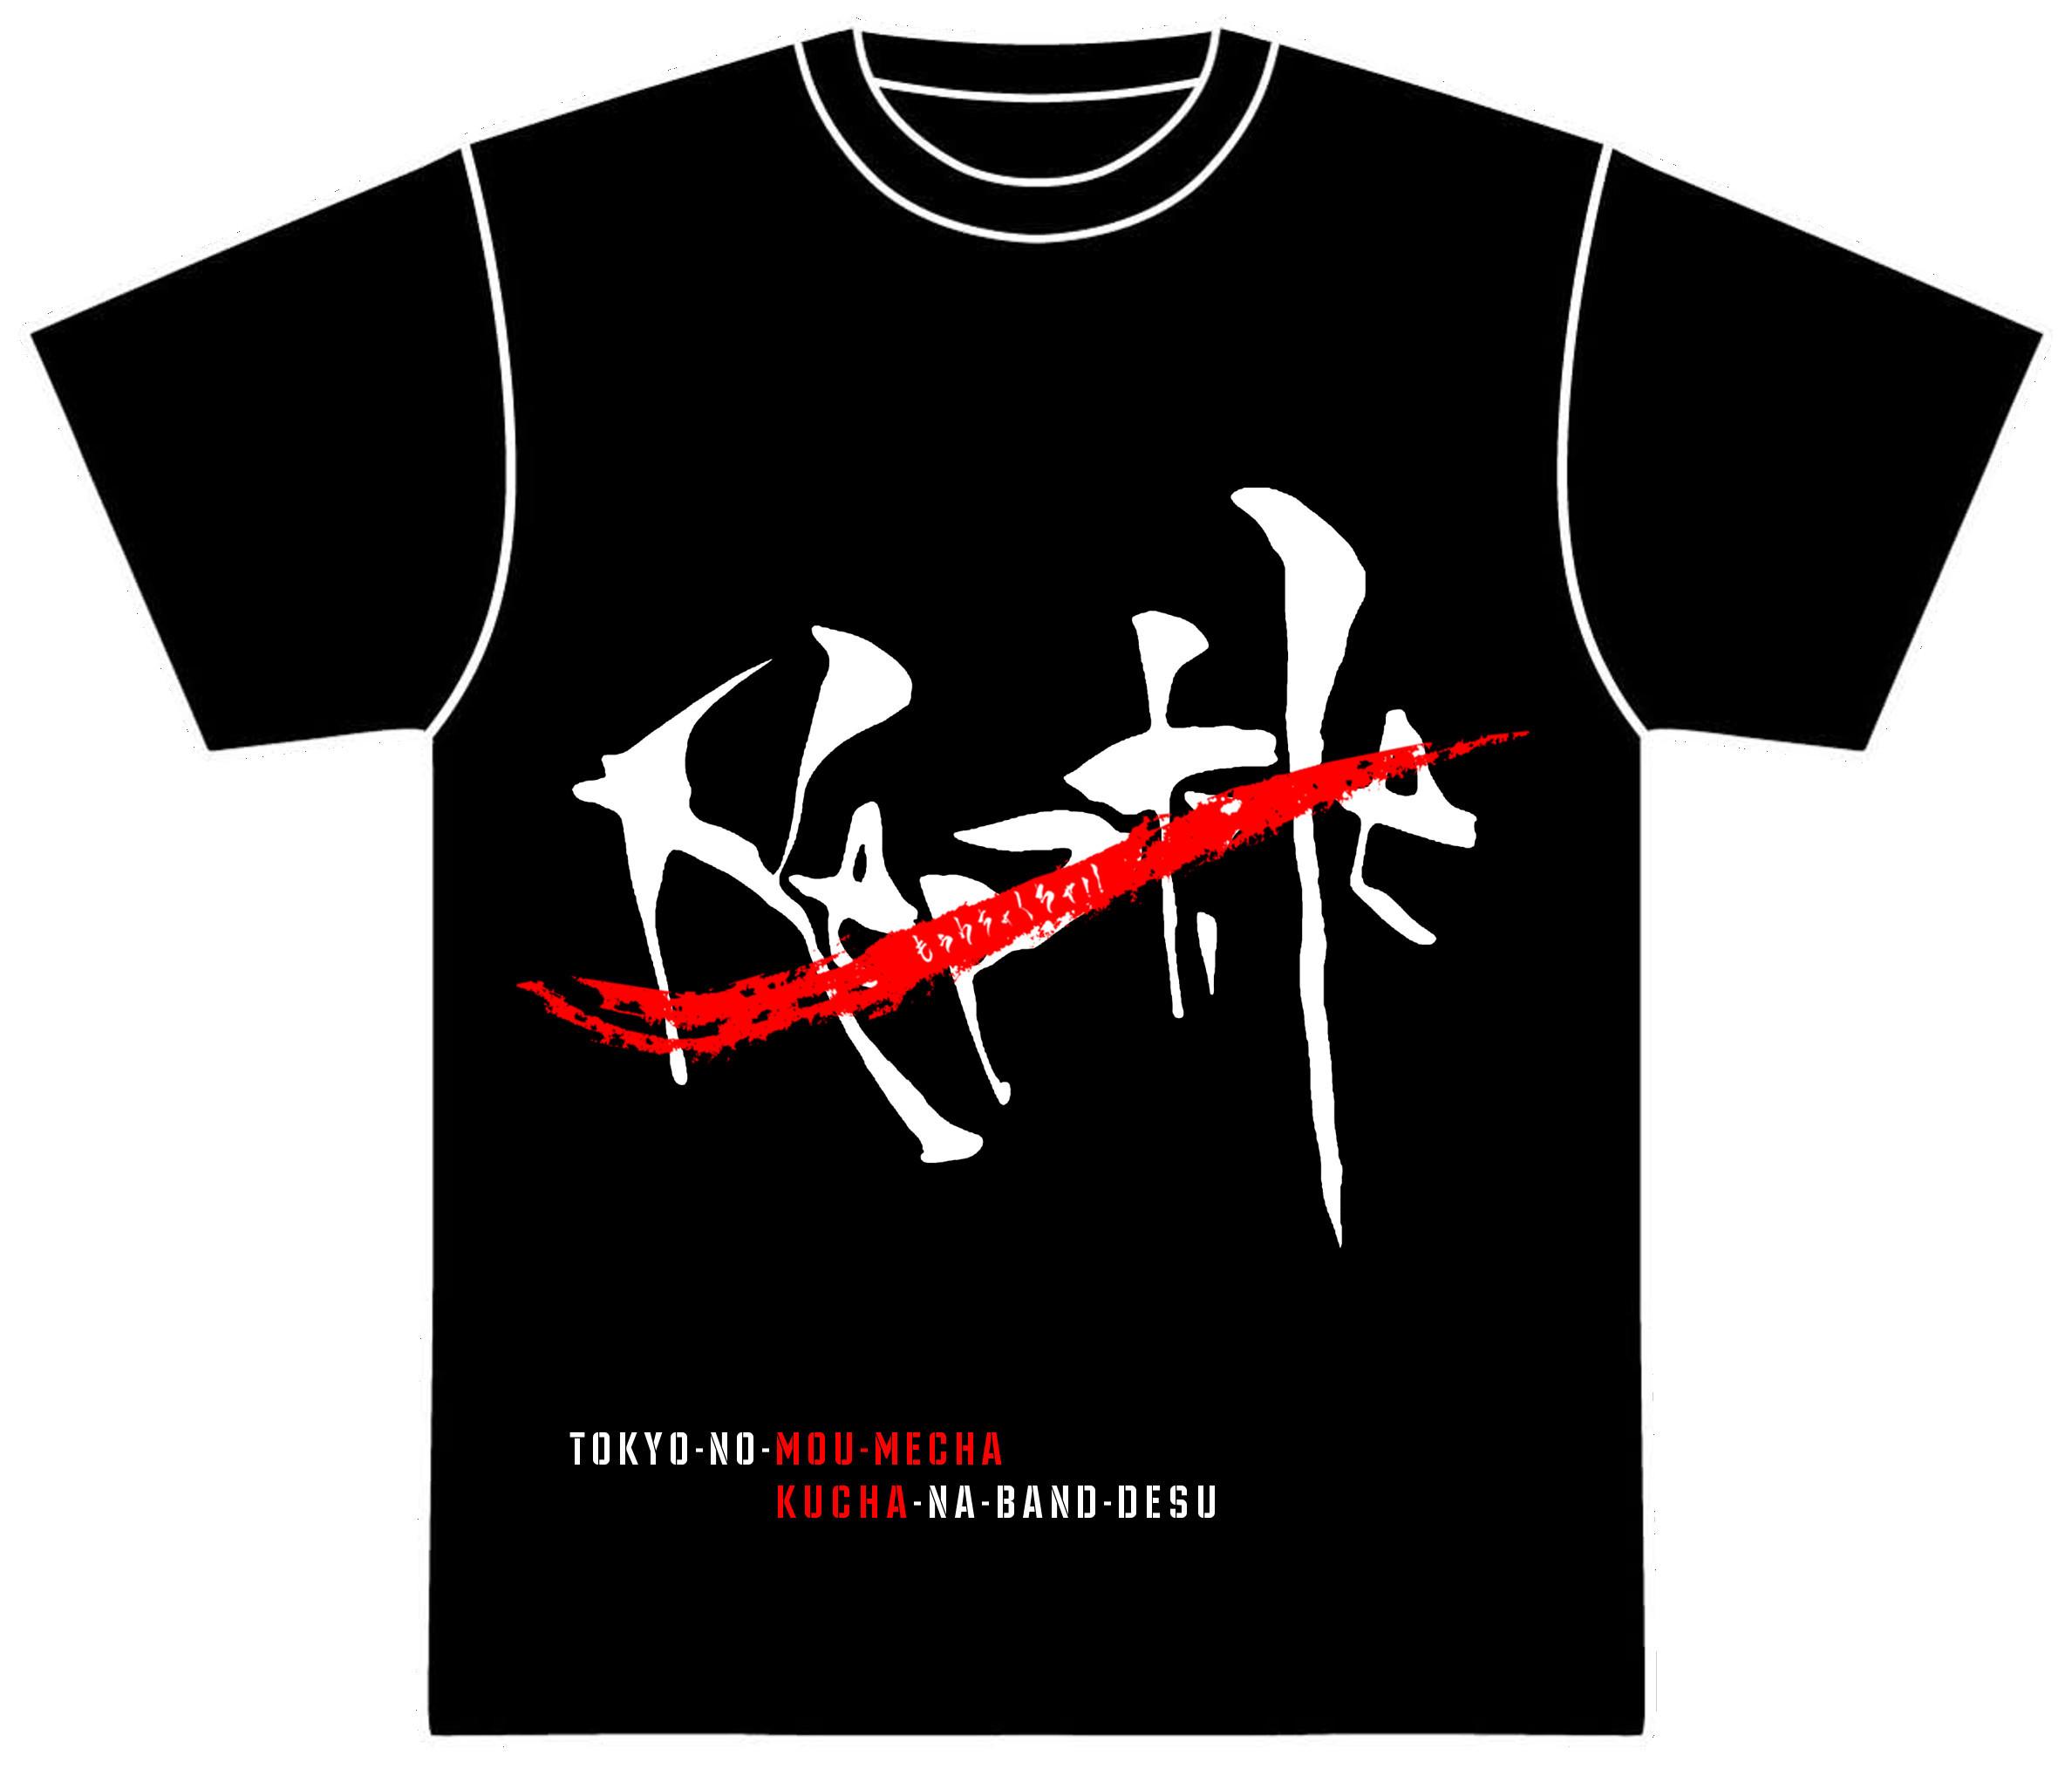 【オリジナルデザインTシャツプラン】